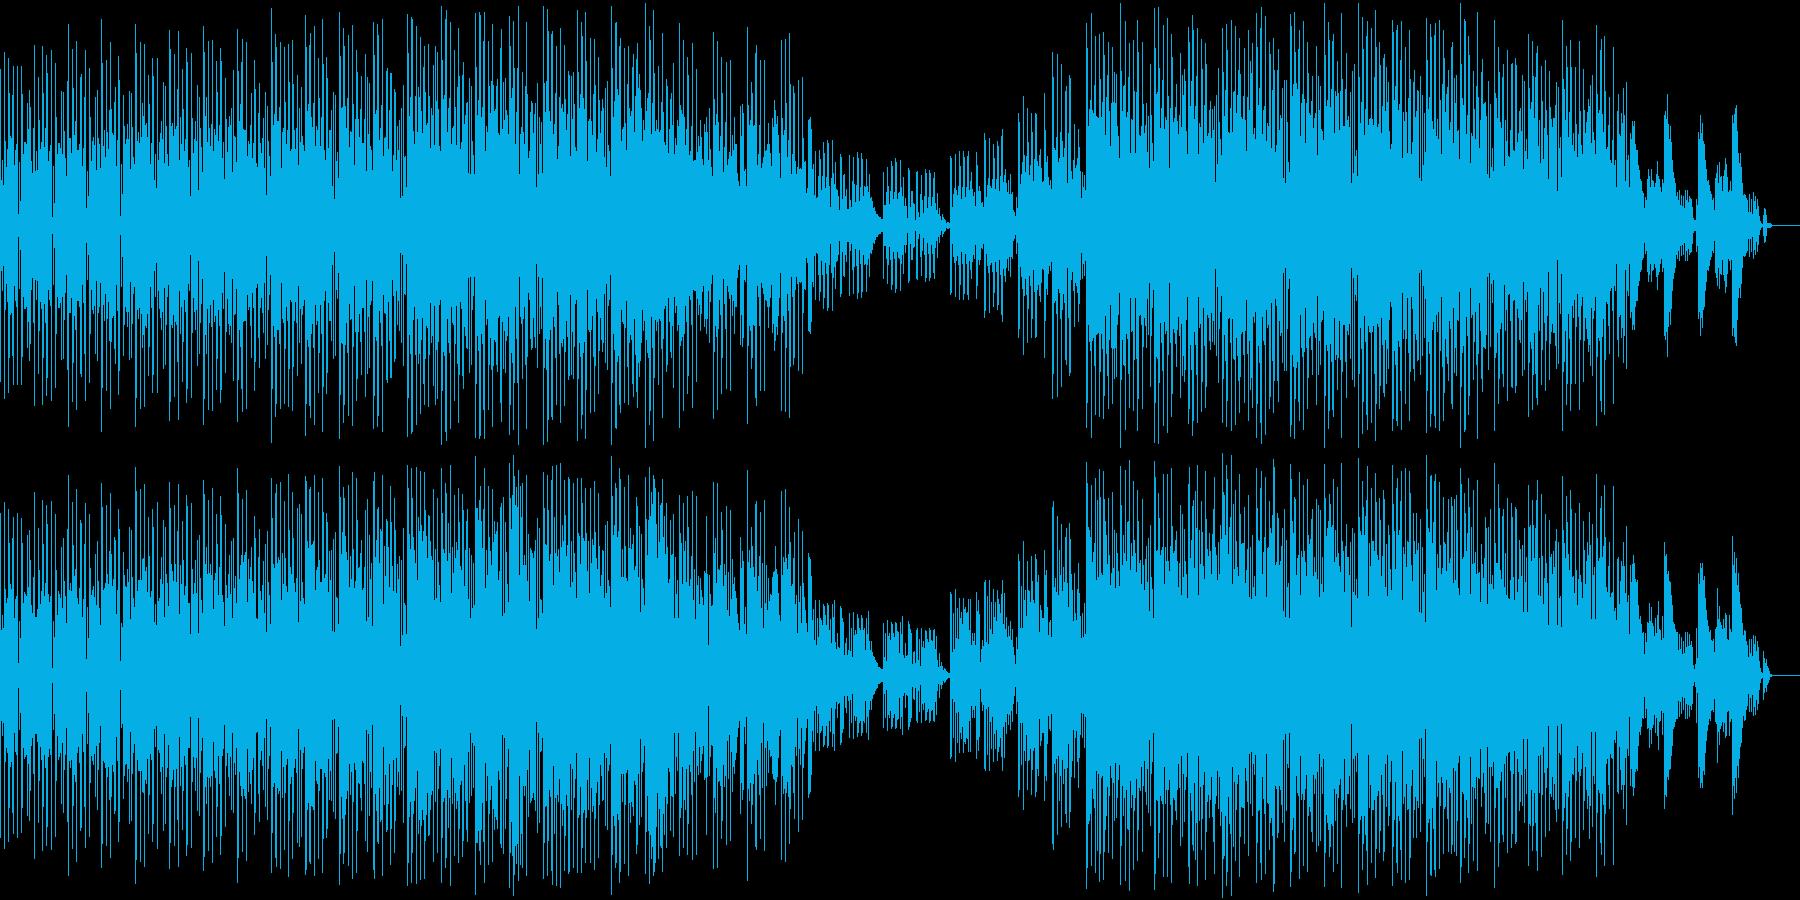 ほのぼのかわいいミニマル。の再生済みの波形